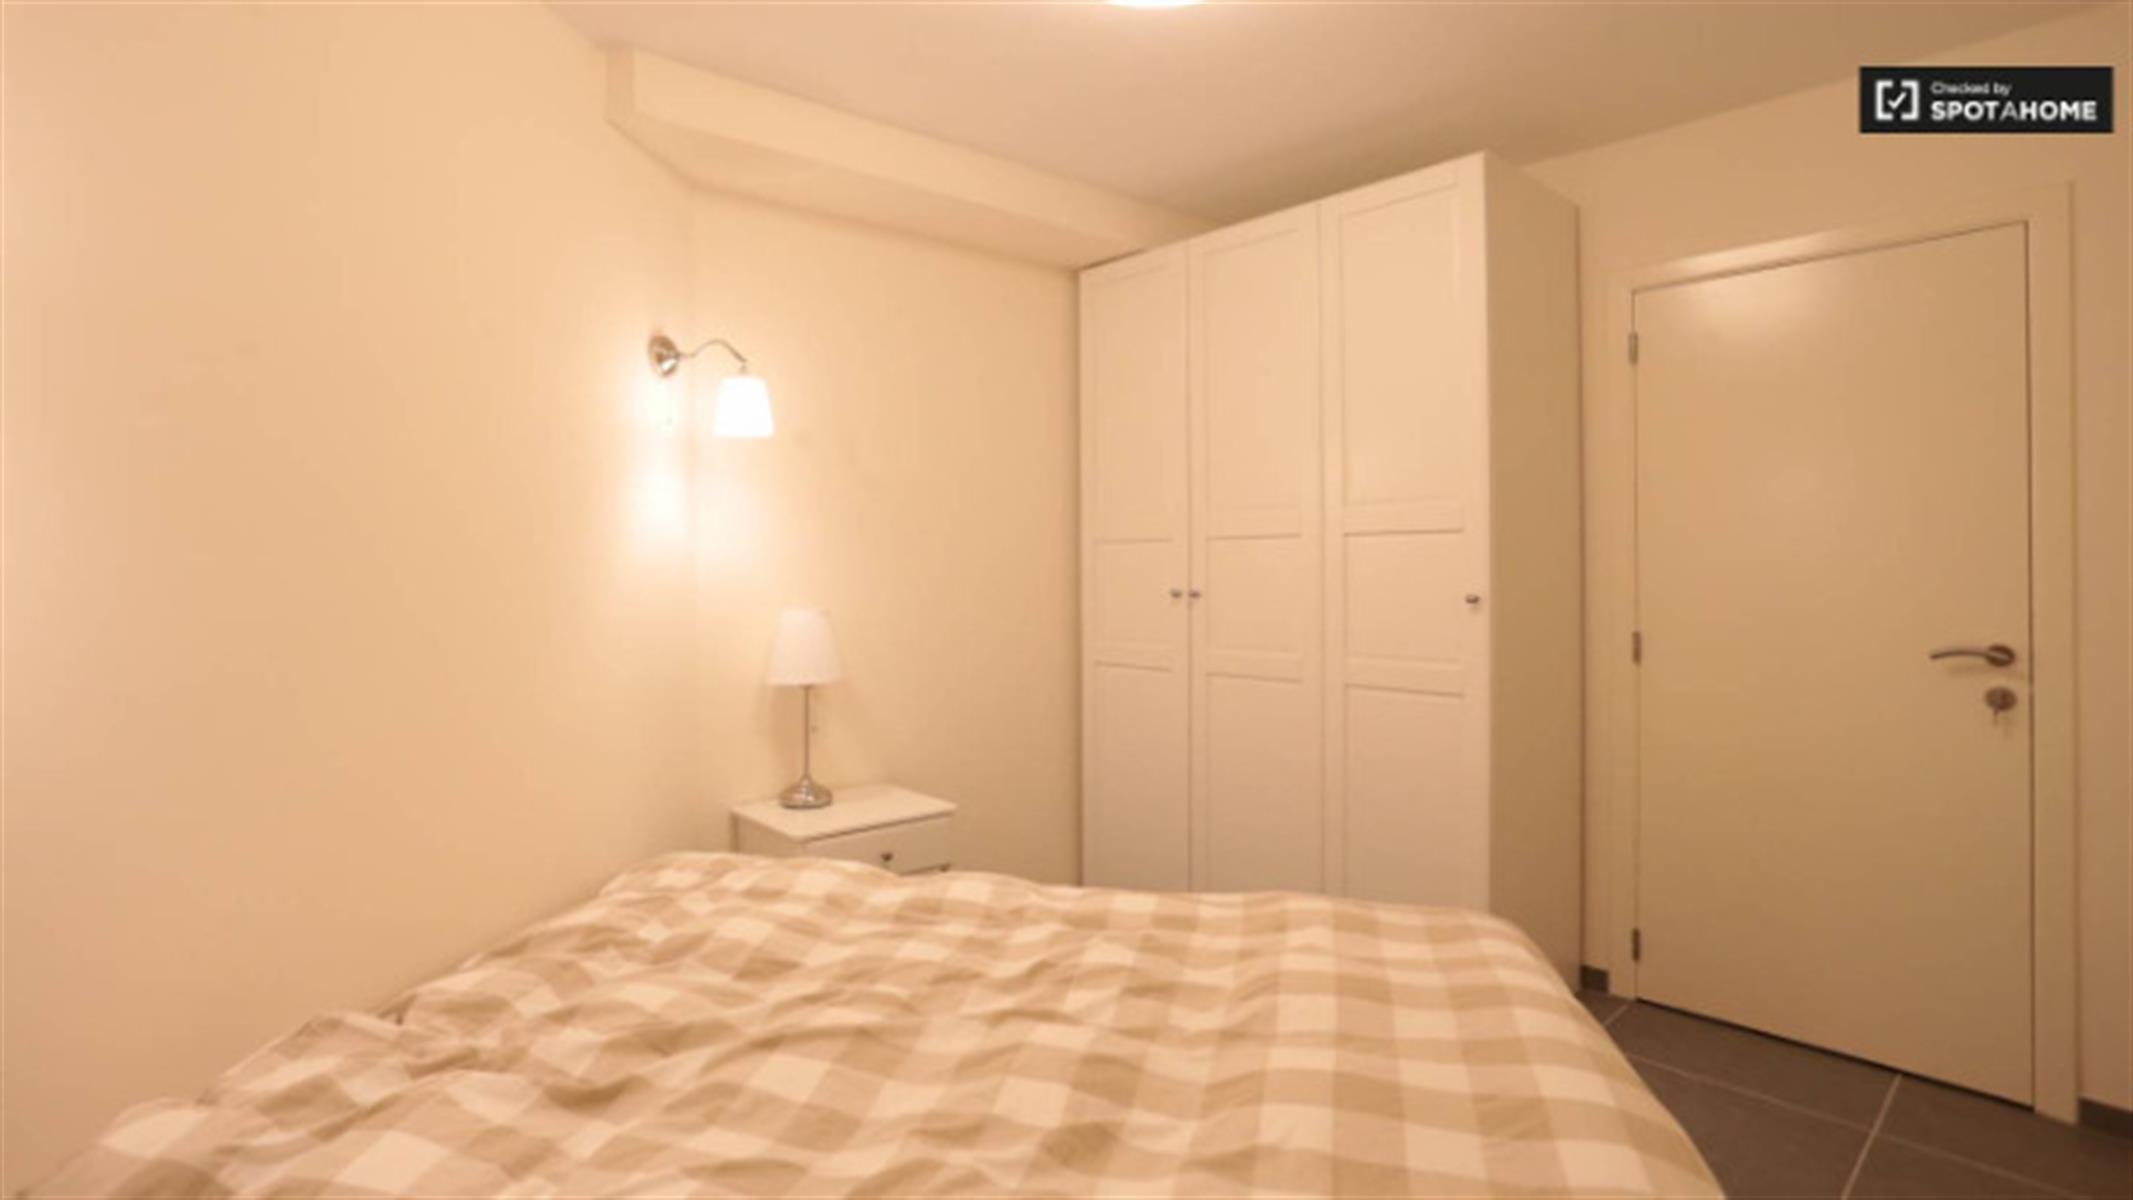 Duplex - Ixelles - #4150164-10